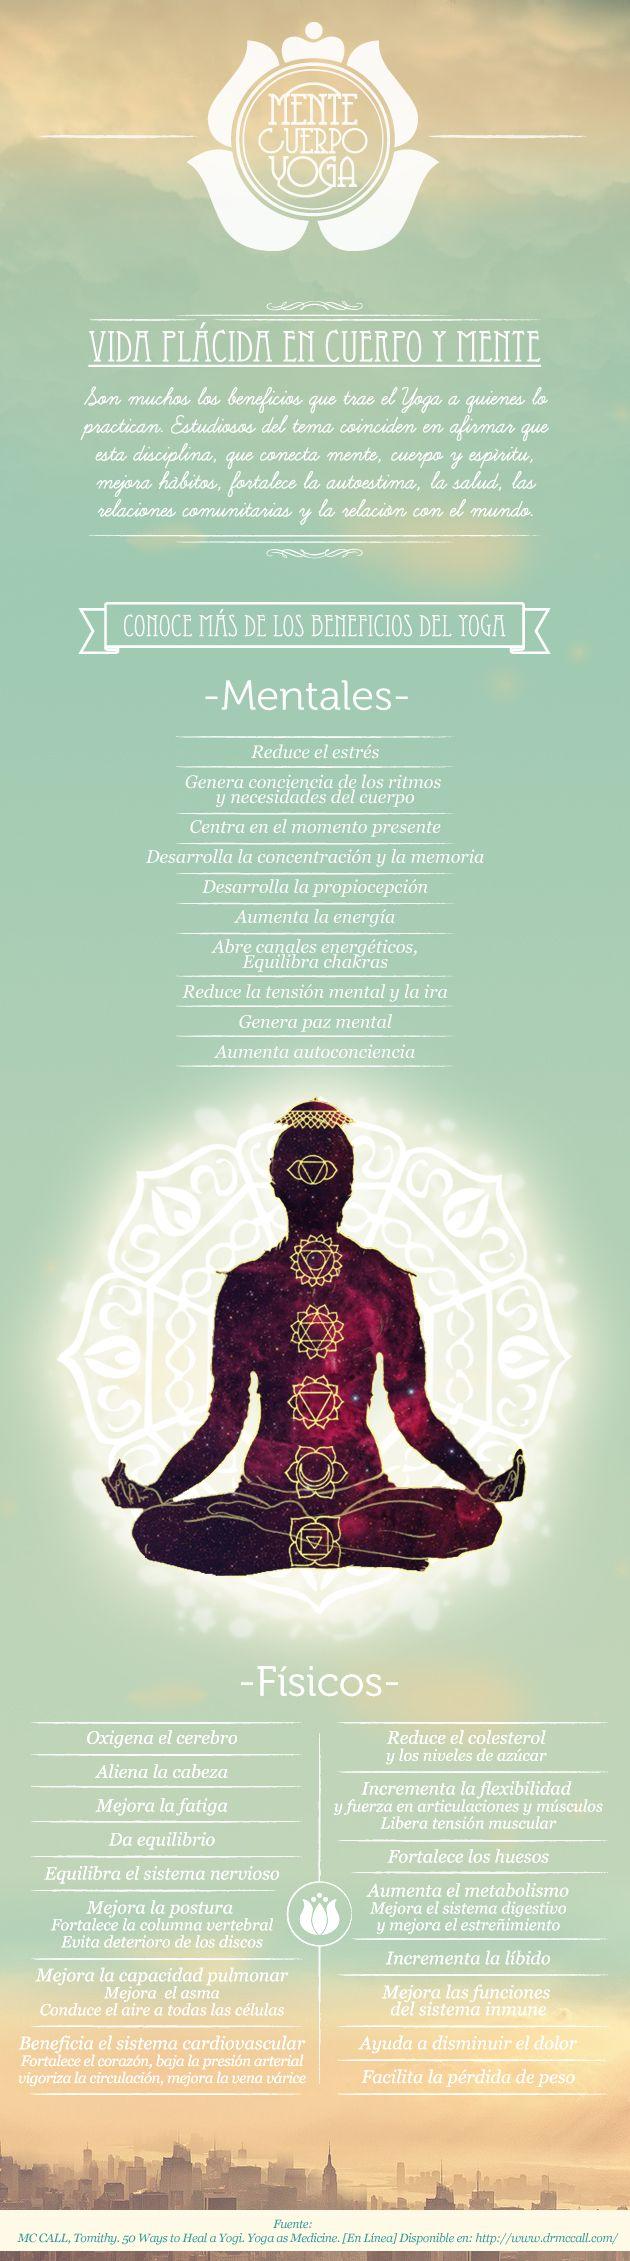 http://www.medellincultura.gov.co/especiales/Especiales_portadillas/yoga/img/01beneficios.jpg